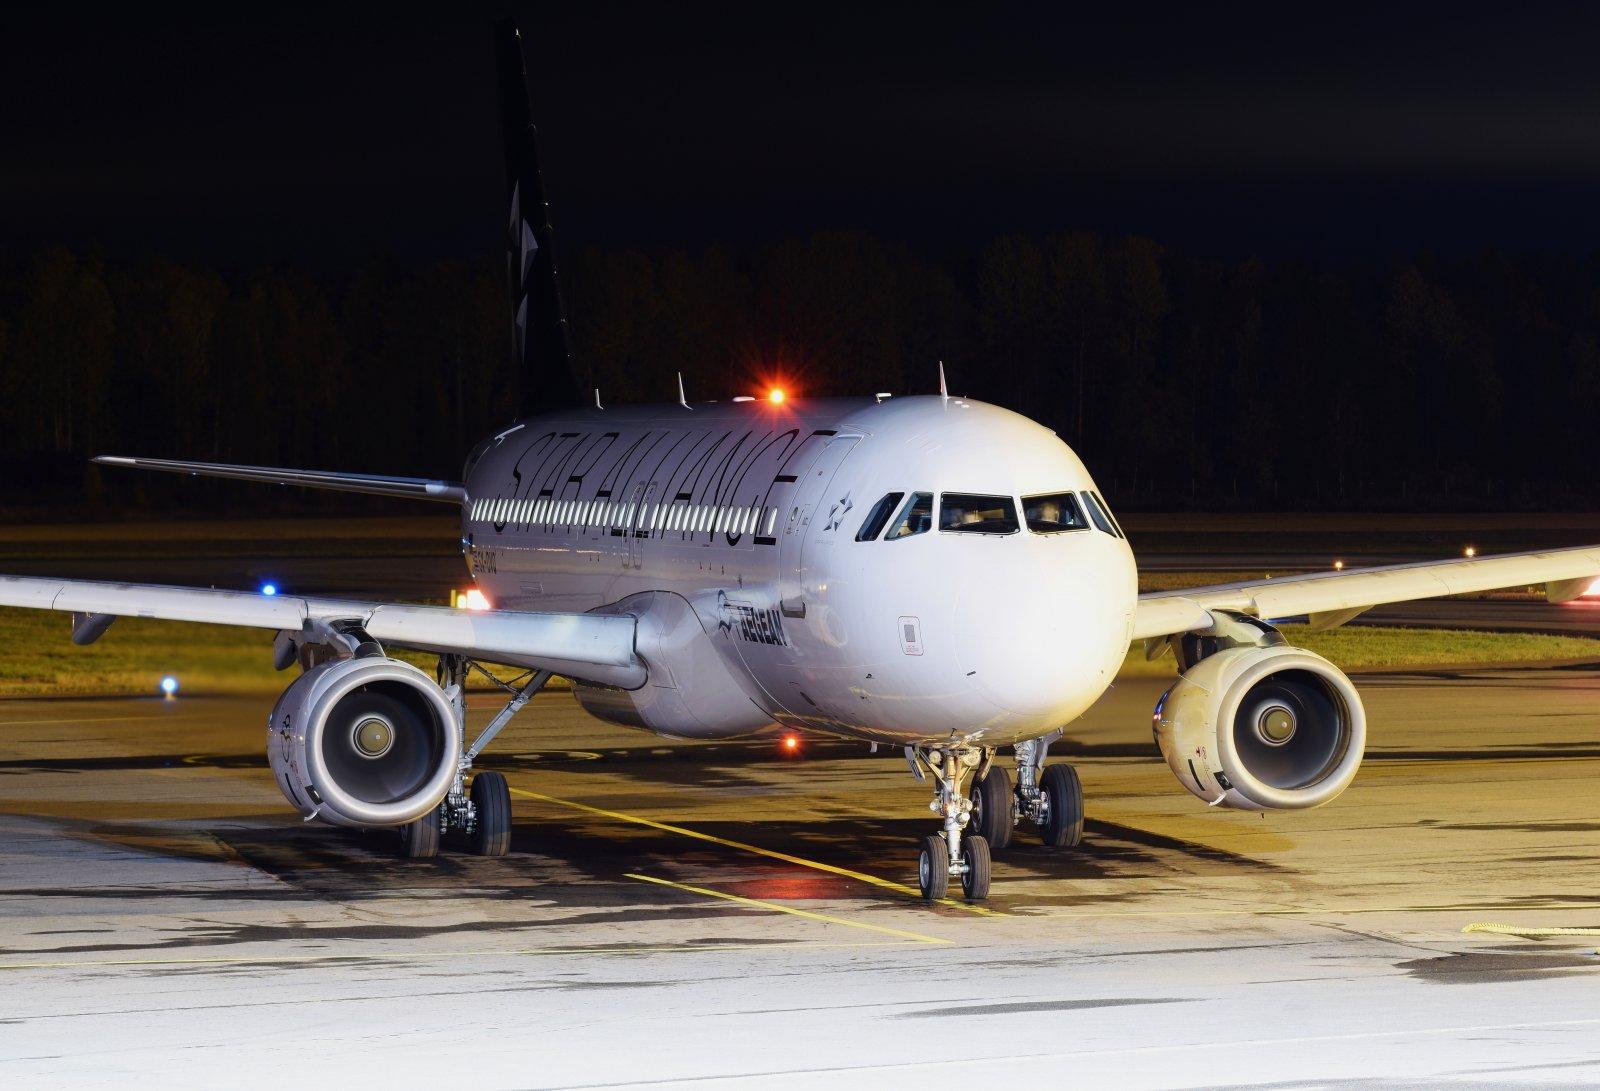 SX-DVQ - Airbus A320-232 - Aegean Airlines - 12.10.2019